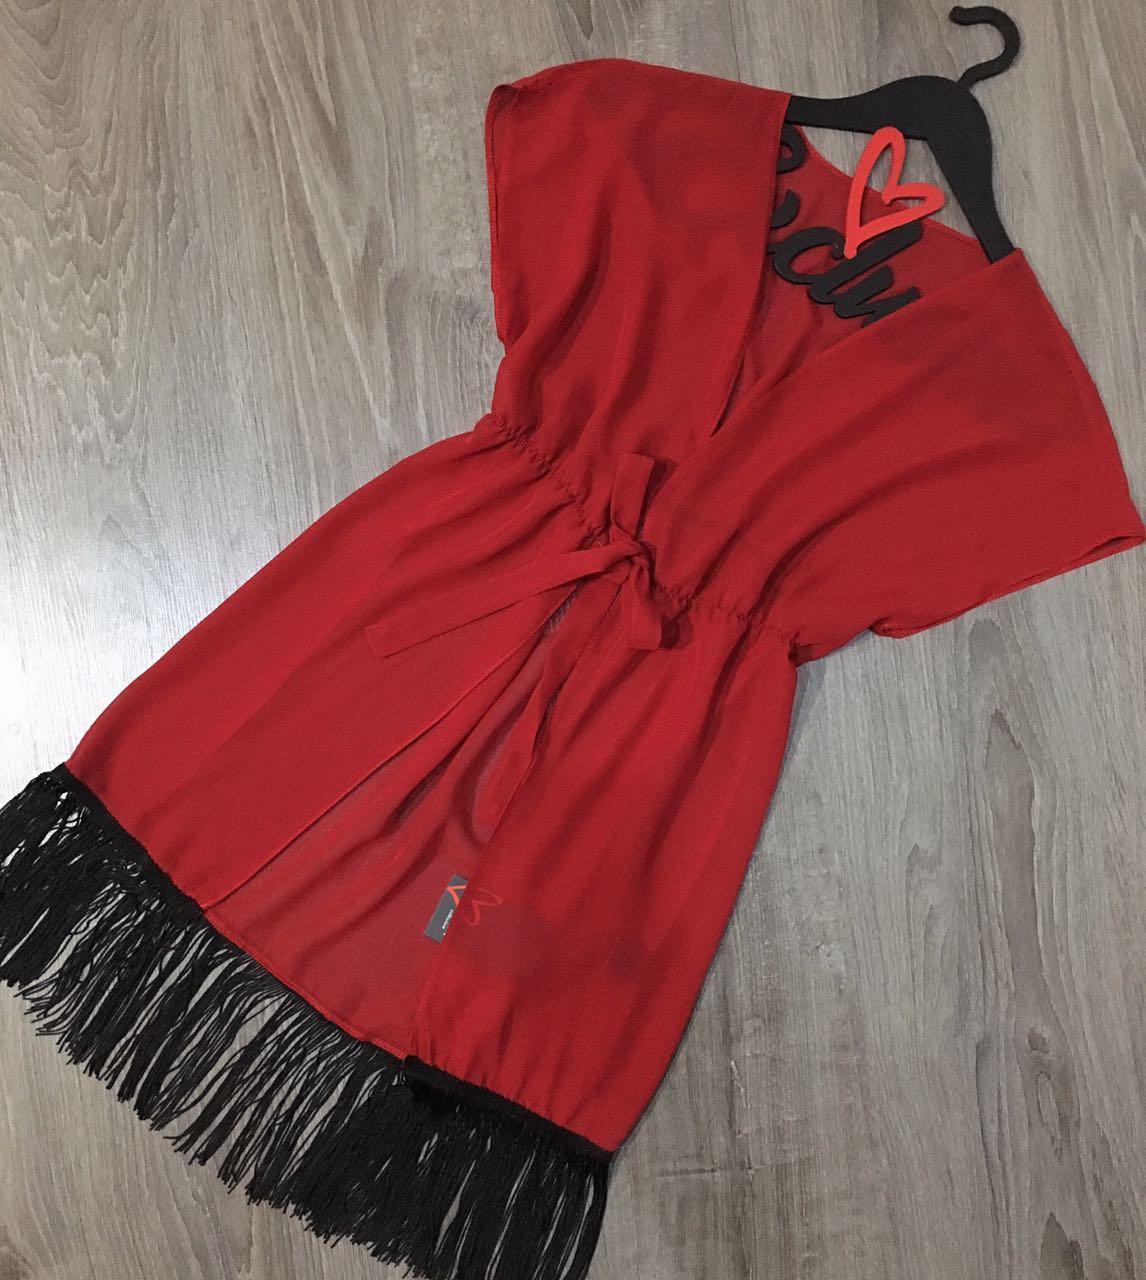 Червона прозора туніка, сукня під купальник з бахромою